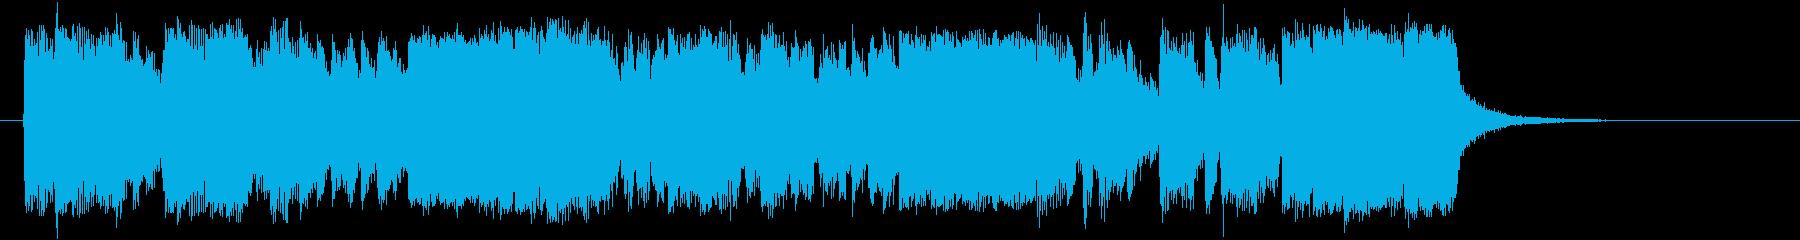 勢いある軽快なトランペットポップジングルの再生済みの波形